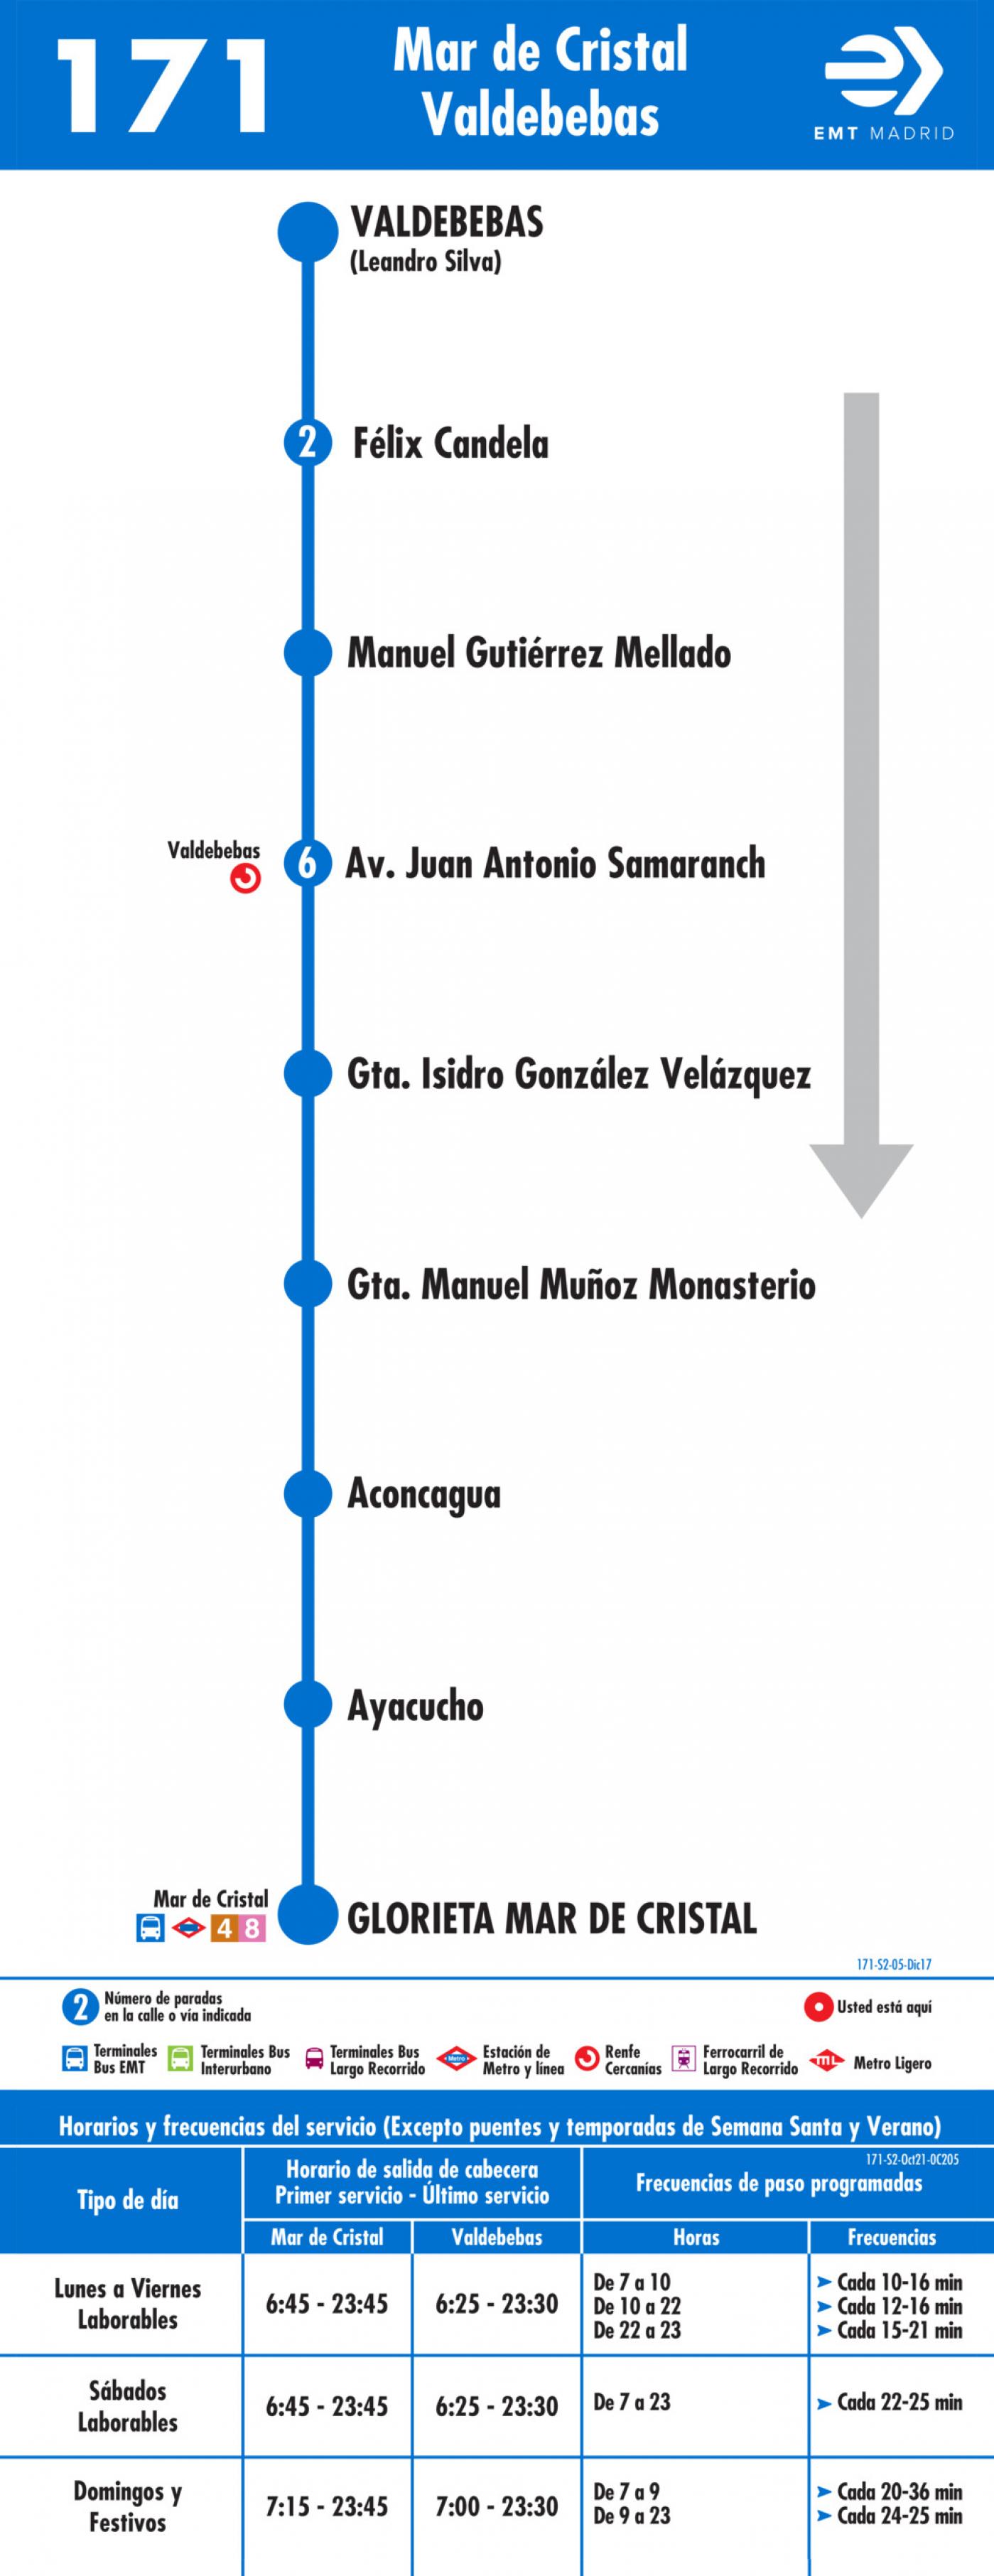 Tabla de horarios y frecuencias de paso en sentido vuelta Línea 171: Mar de Cristal - Valdebebas